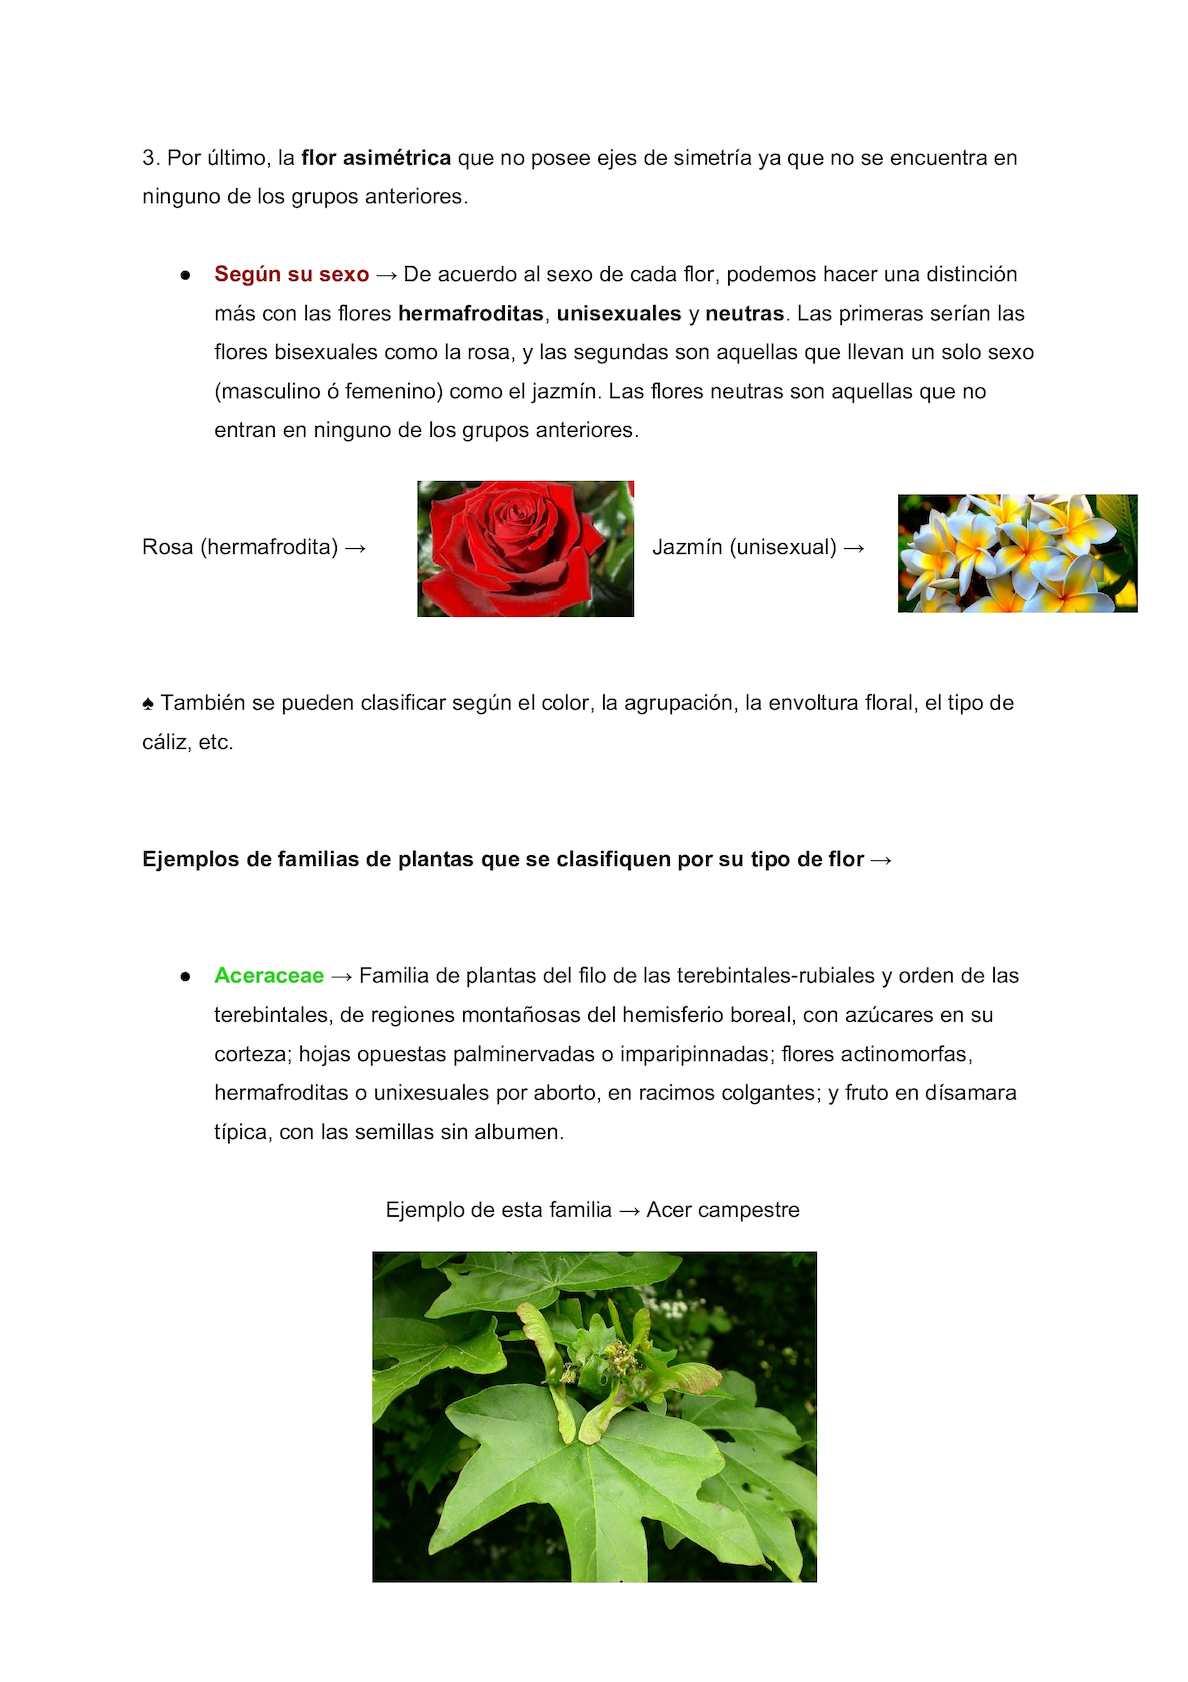 Flores Inflorescencias Frutos Daniel Arias Calameo Downloader